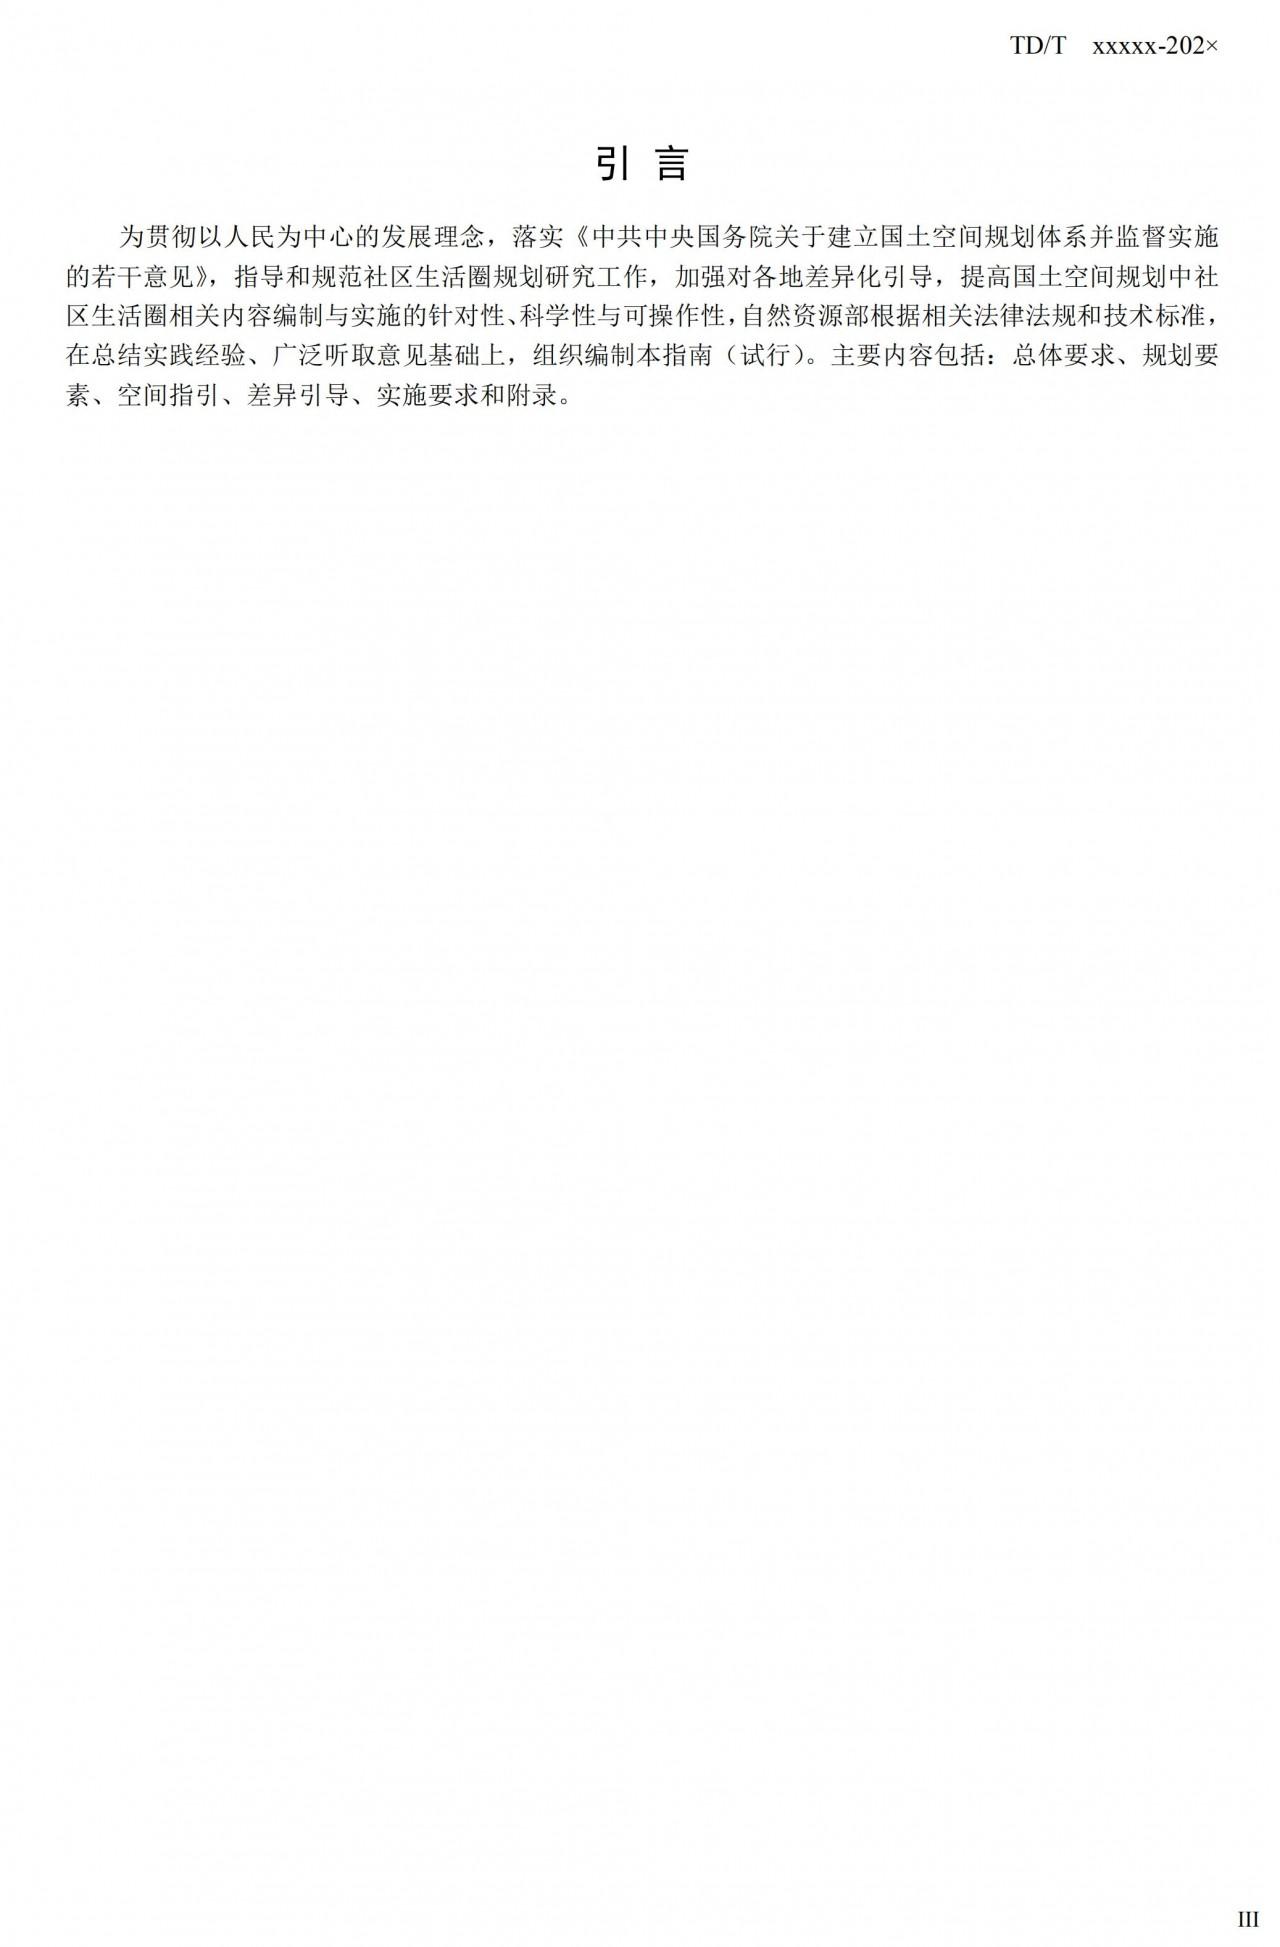 20_WD_240432_社区生活圈规划技术指南_04.jpg